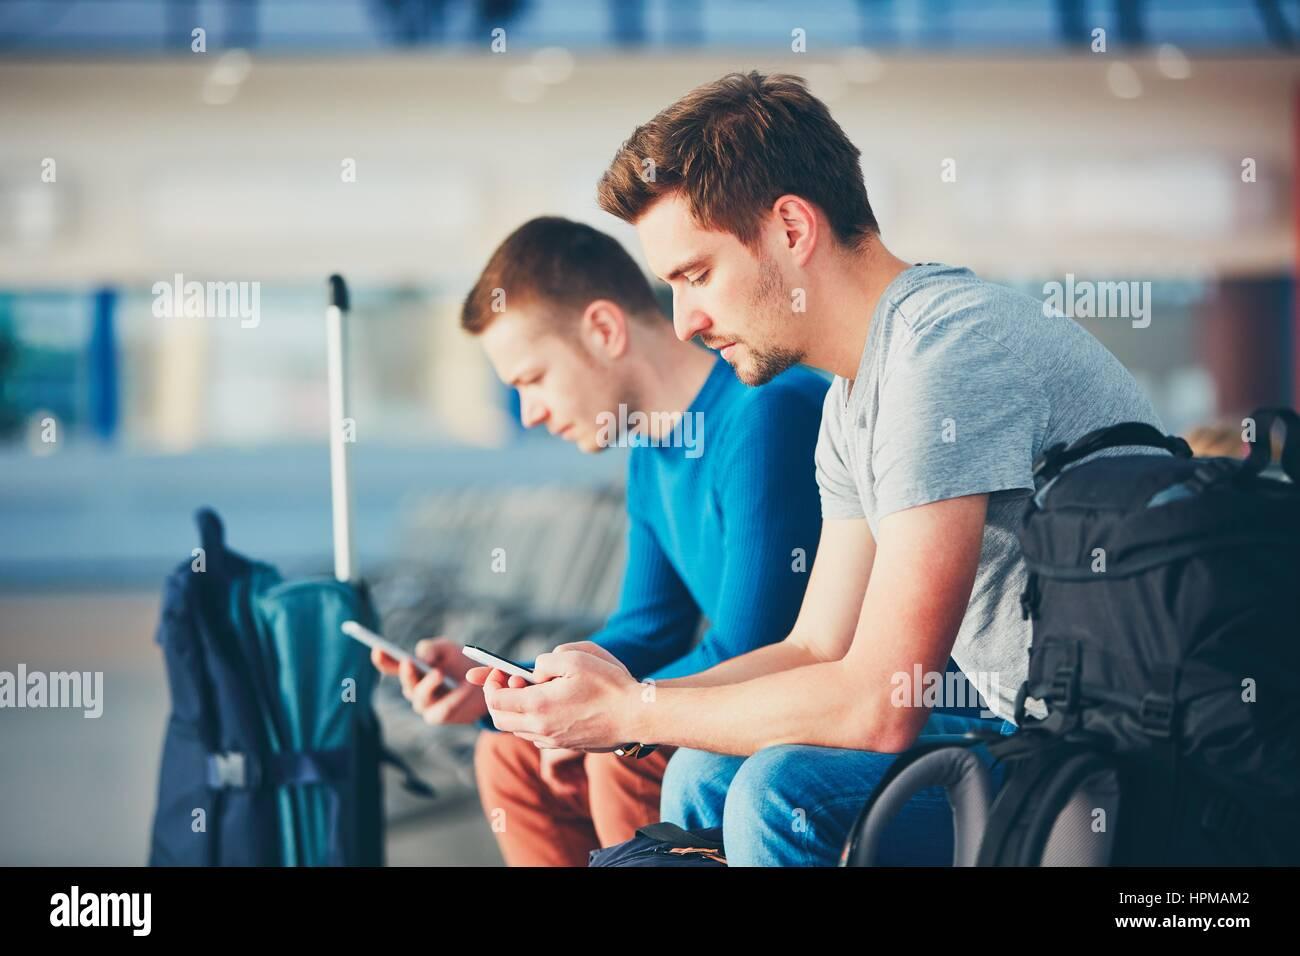 Zwei Freunde, die zusammen reisen. Reisende mit dem Handy am Flughafen Abflugbereich für ihre Verspätung Stockbild